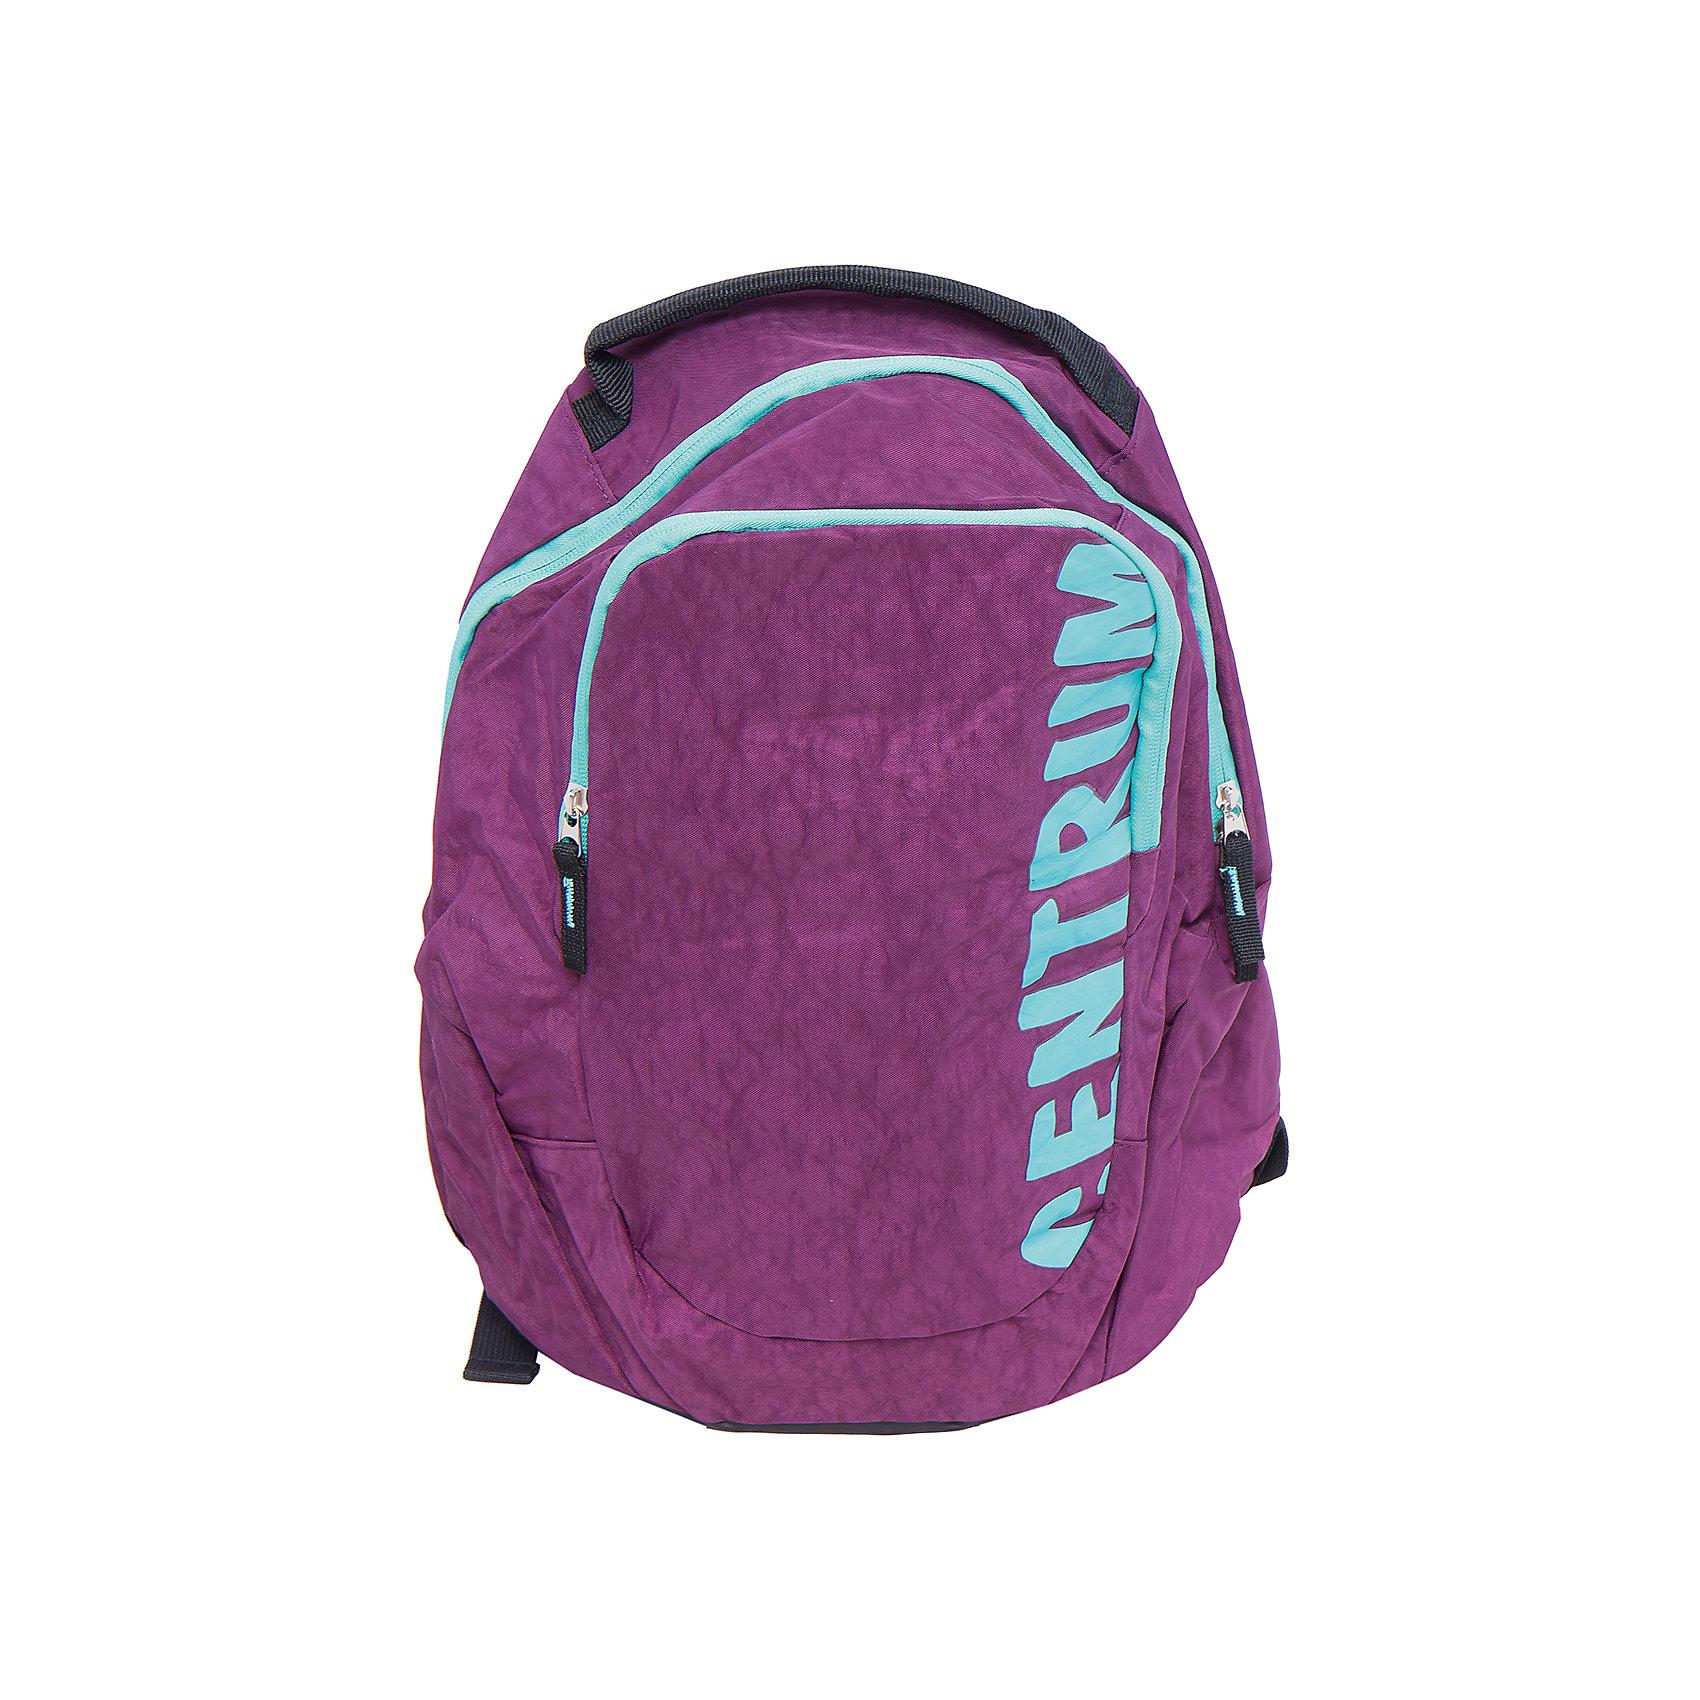 Спортивный рюкзакСпортивный рюкзак, CENTRUM (Центрум) ? рюкзак отечественного бренда молодежной серии. Рюкзаки этой серии выполнены из непромокаемого и прочного нейлона высокого качества, отличаются легким весом. <br>Внутреннее устройство рюкзака состоит из одного вместительного отсека. На передней стенке внешний карман на молнии. Эргономичность рюкзака обеспечивается широкими регулируемыми лямками. Для удобства переноса рюкзака в руках имеется  ручка-петля. <br>Рюкзак выполнен в сливовом цвете, на передней стенке имеется брендовая надпись бирюзового цвета.<br>Спортивный рюкзак, CENTRUM (Центрум) ? это многофункциональность, качество и удобство использования. <br><br>Дополнительная информация:<br><br>- Вес: 740 г<br>- Габариты (Д*Г*В): 18,5*36*42 см<br>- Цвет: сливовый, бирюзовый<br>- Материал: нейлон<br>- Сезон: круглый год<br>- Коллекция: молодежная<br>- Пол: женский<br>- Предназначение: для школы, для занятий спортом, для путешествий <br>- Особенности ухода: можно чистить влажной щеткой или губкой<br><br>Подробнее:<br><br>• Для детей в возрасте: от 12 лет <br>• Страна производитель: Китай<br>• Торговый бренд: CENTRUM<br><br>Спортивный рюкзак, CENTRUM (Центрум) можно купить в нашем интернет-магазине.<br><br>Ширина мм: 185<br>Глубина мм: 360<br>Высота мм: 420<br>Вес г: 490<br>Возраст от месяцев: 36<br>Возраст до месяцев: 120<br>Пол: Женский<br>Возраст: Детский<br>SKU: 4865231